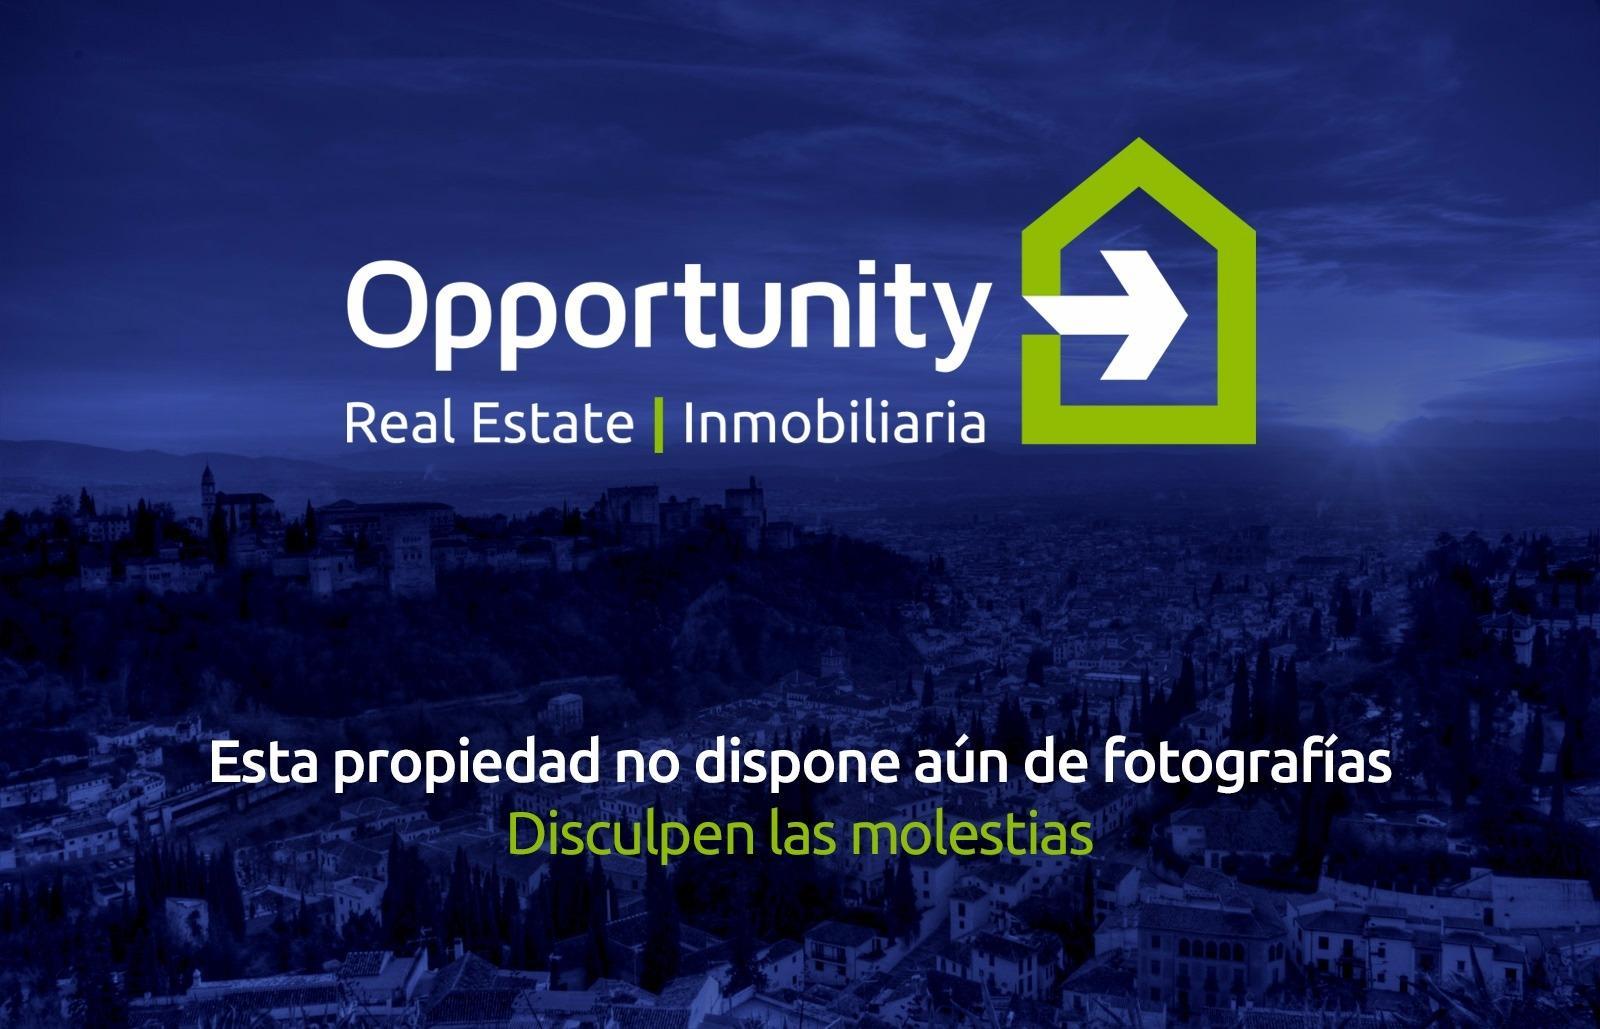 Local en alquiler en San Matías-Realejo (Granada), 425 €/mes